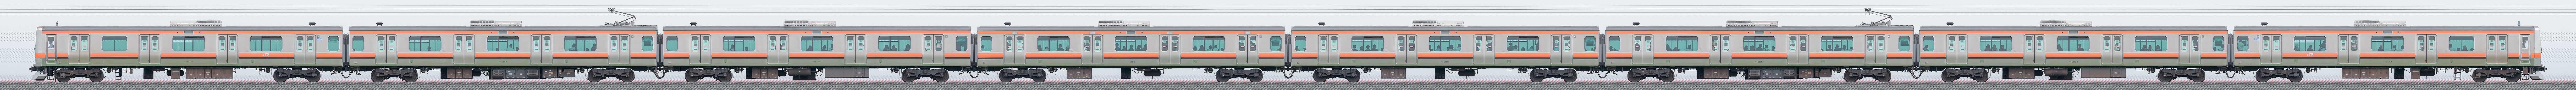 JR東日本 武蔵野線 E231系MU35編成(山側)の編成サイドビュー